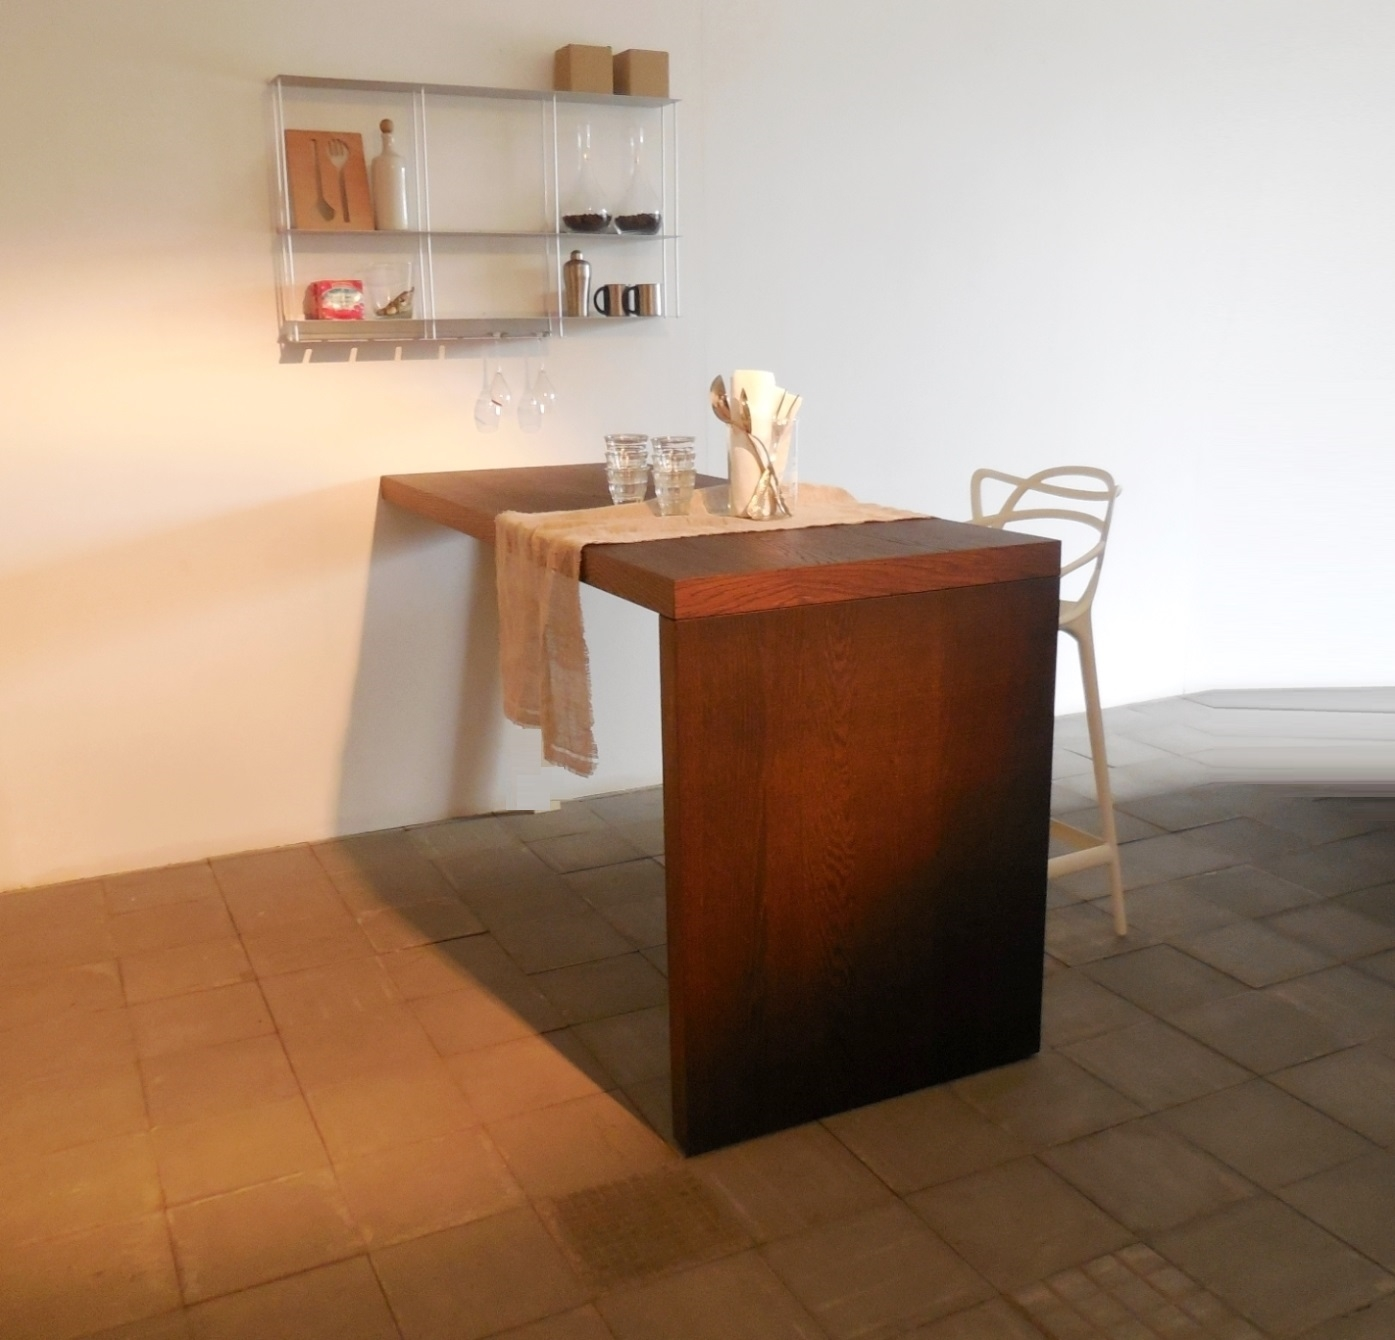 Cucina modulnova piano snack penisola tavolo rovere raw legno cucine a prezzi scontati - Tavolo snack cucina ...